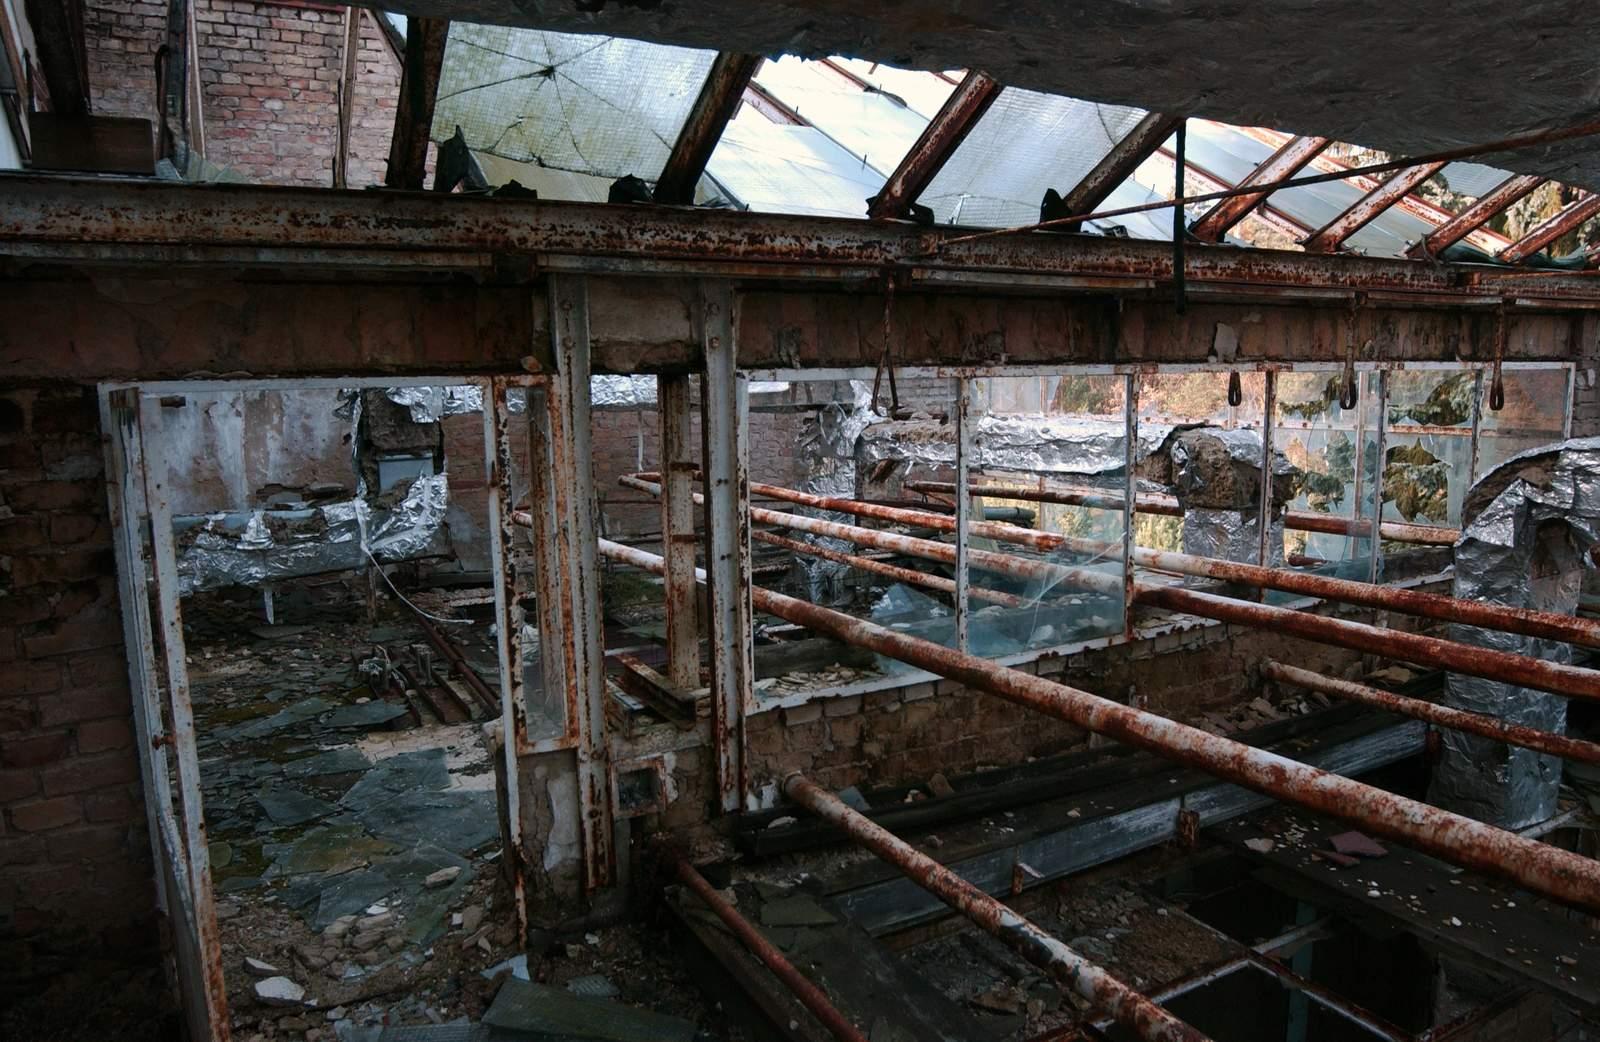 beelitz heilstatten2 Abandoned Beelitz Heilstatten Hospital